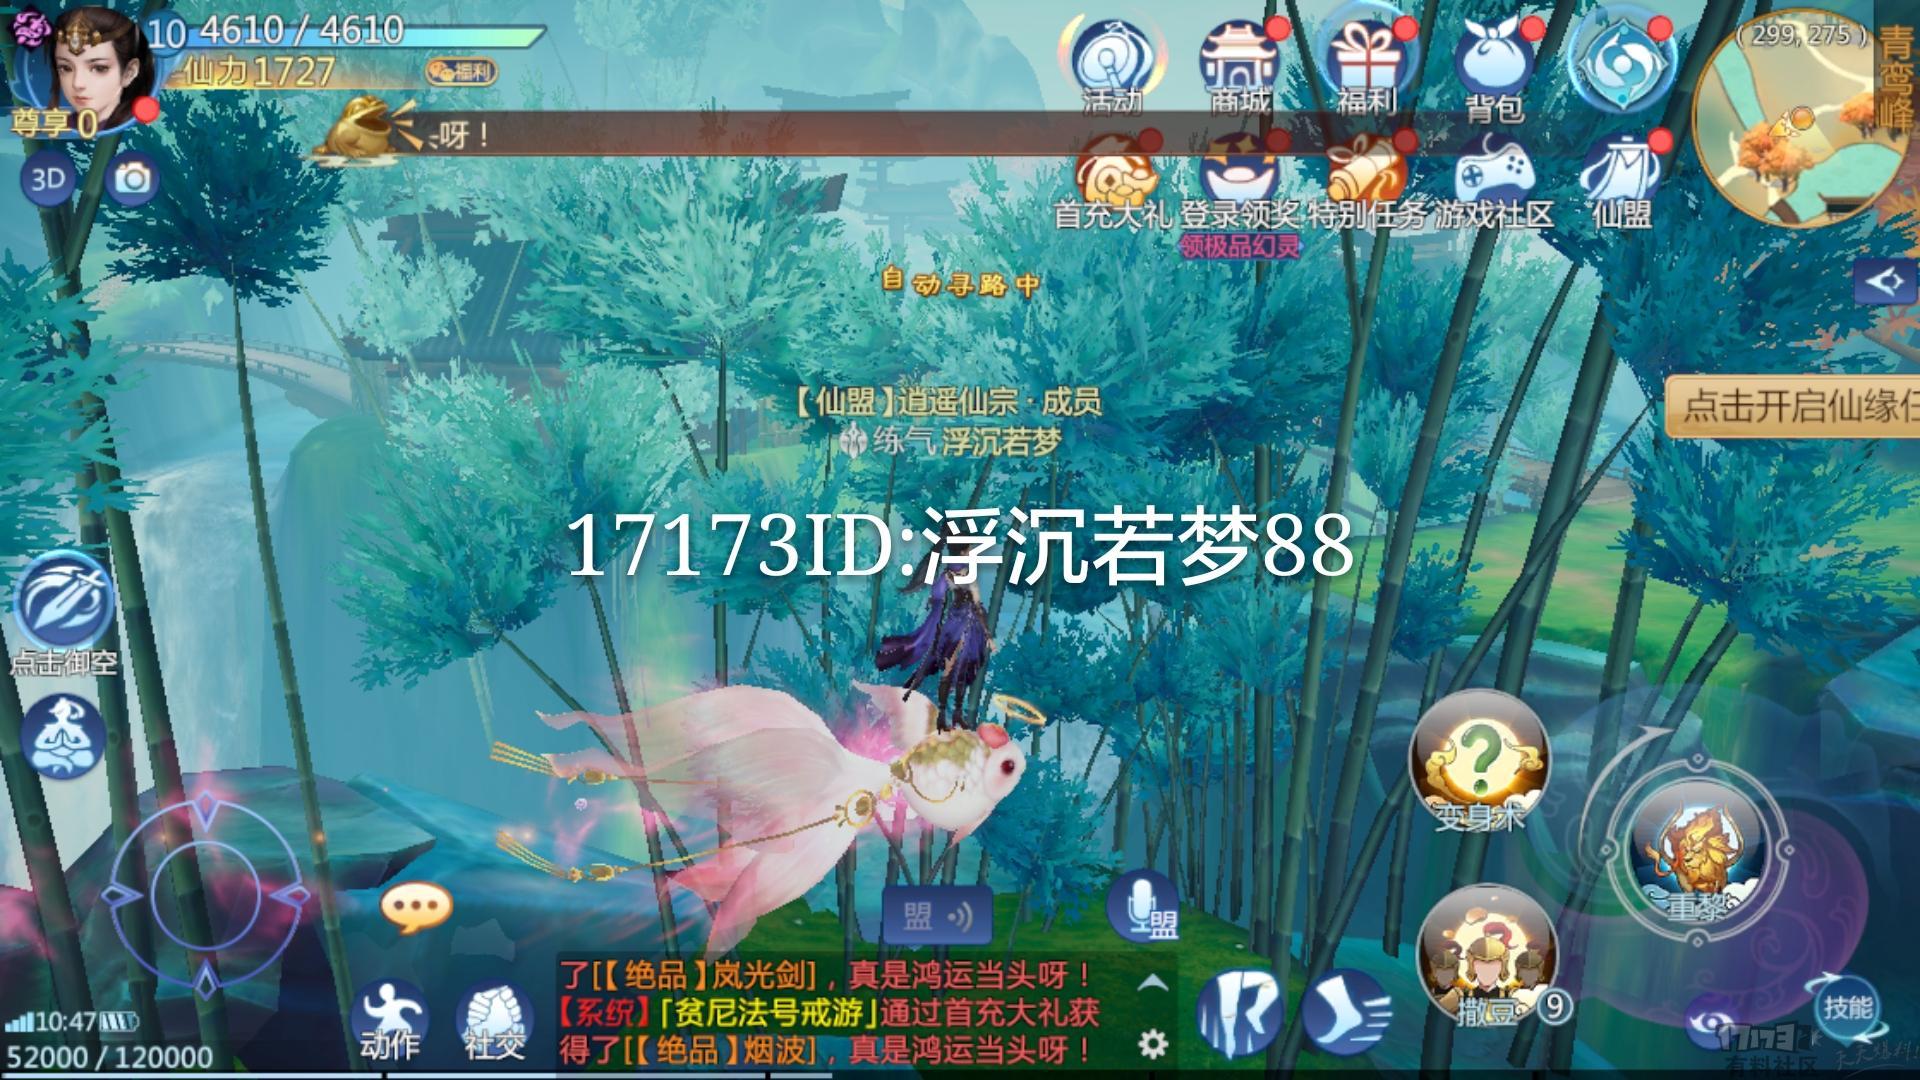 Screenshot_2018-11-07-10-47-37_mh1541564007166.jpg